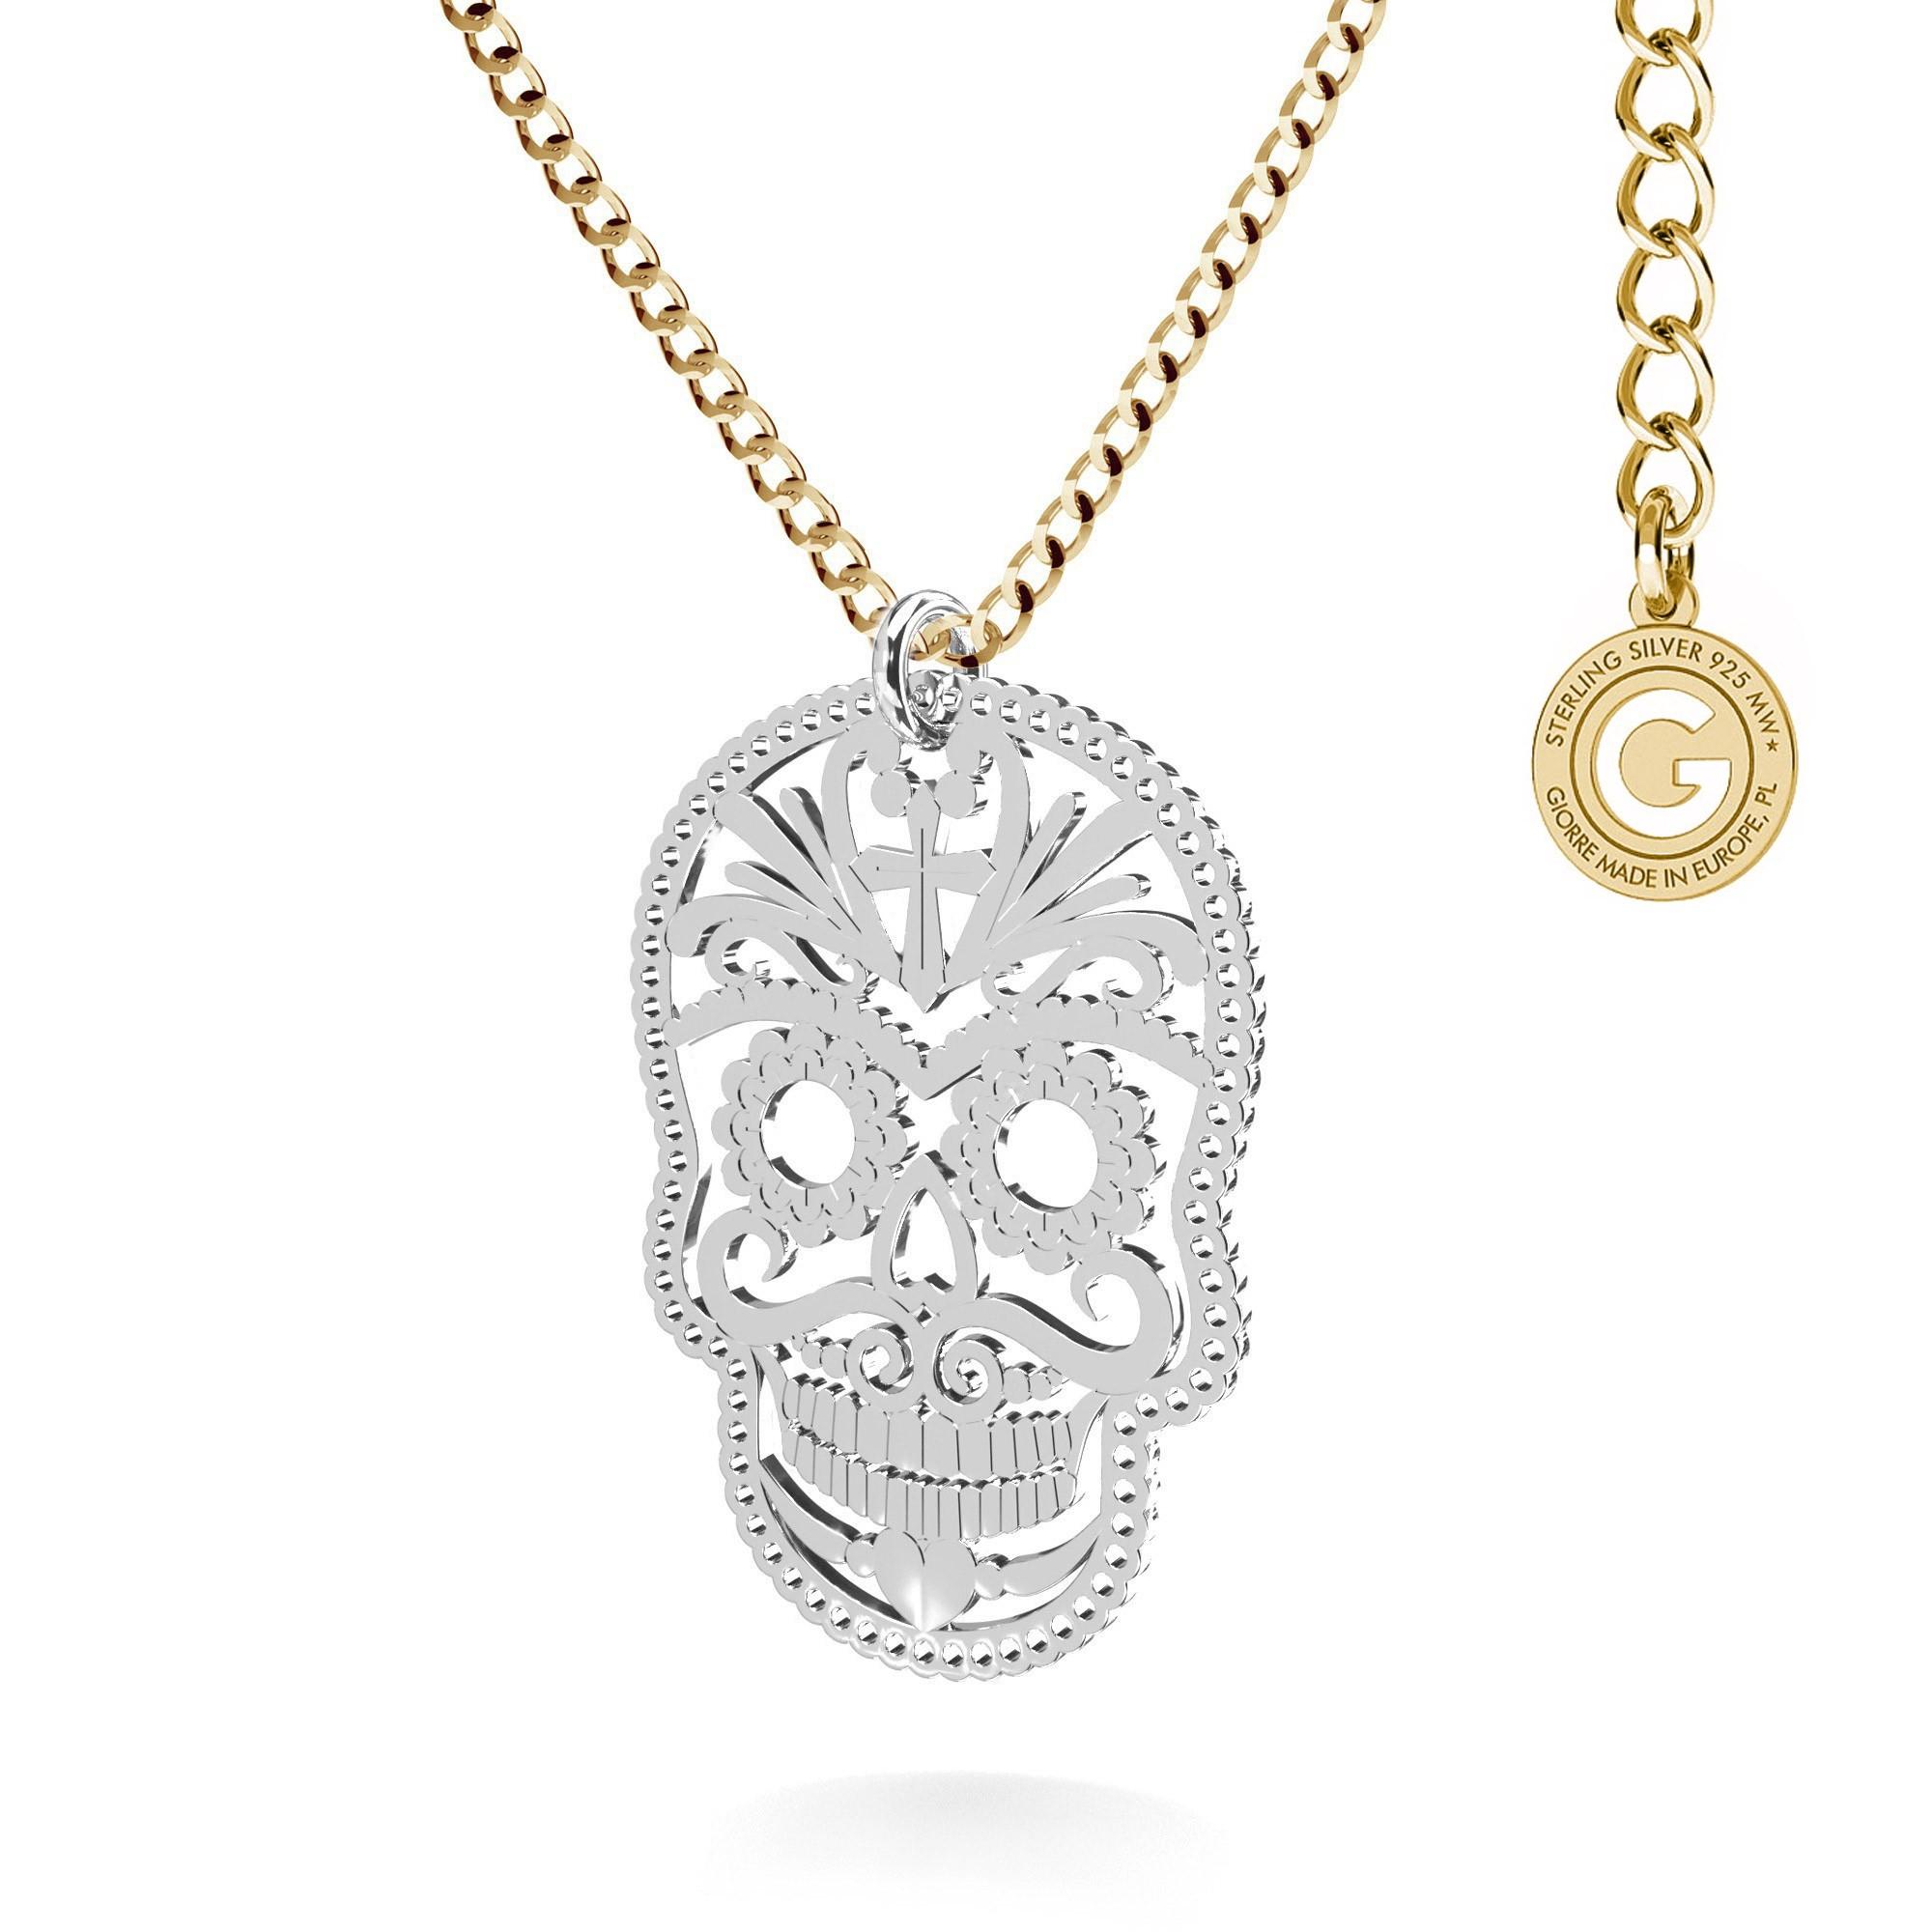 Srebrny naszyjnik medalion MEKSYKAŃSKA CZASZKA 925